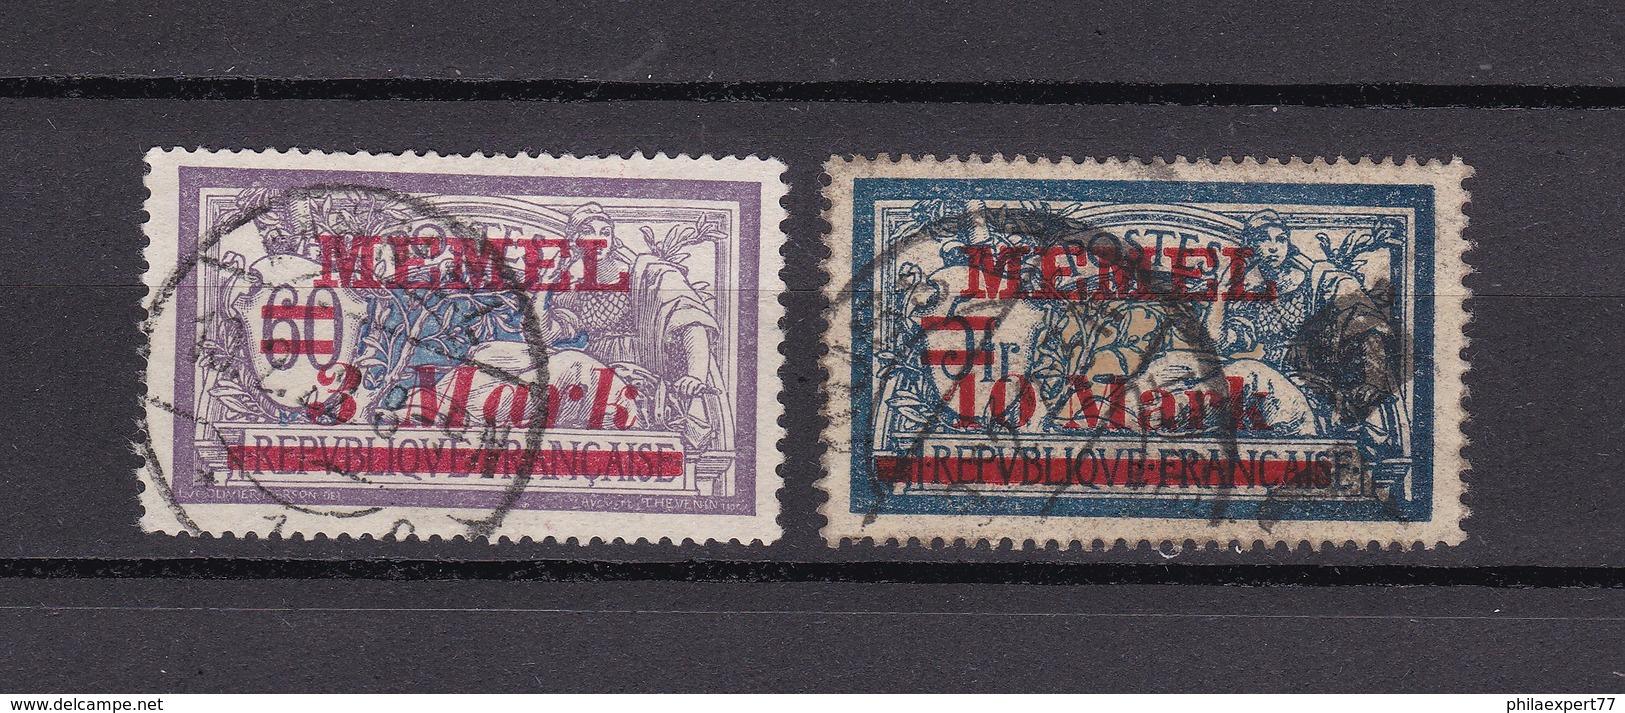 Memelgebiet - 1921/22 - Michel Nr. 37/38 - Klaipeda